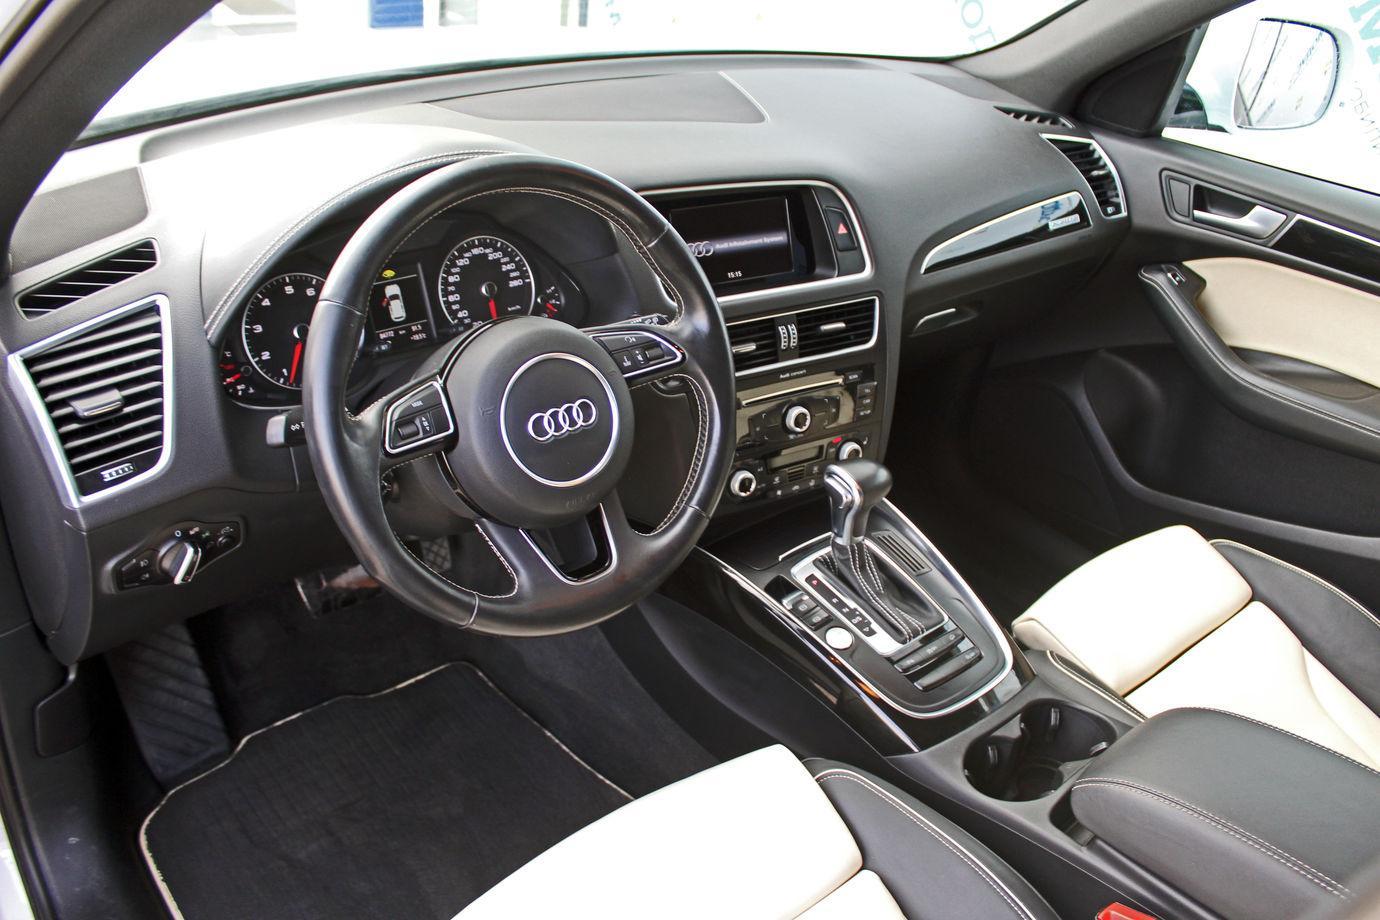 Audi Q5, I (8R) Рестайлинг 2016г.